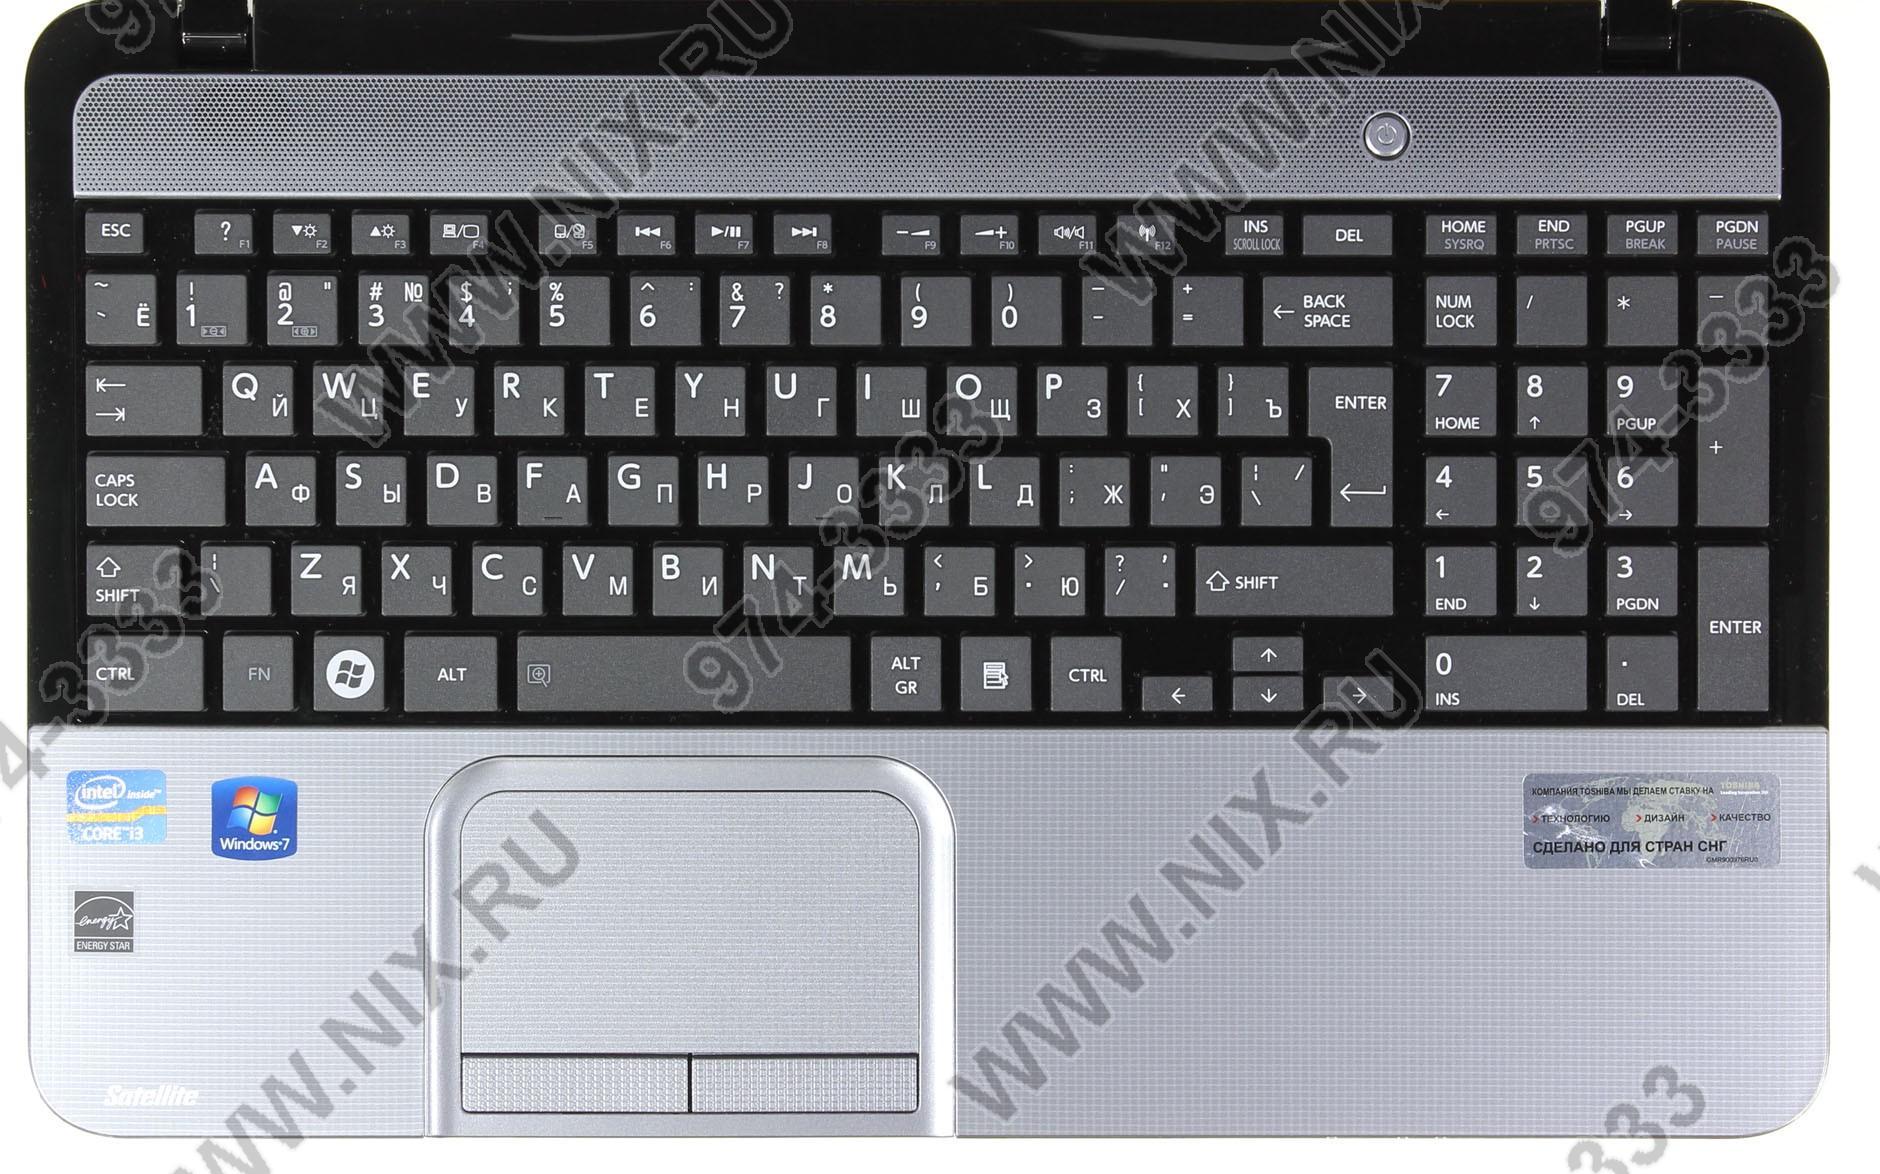 Как сделать скрин экрана ноутбука toshiba